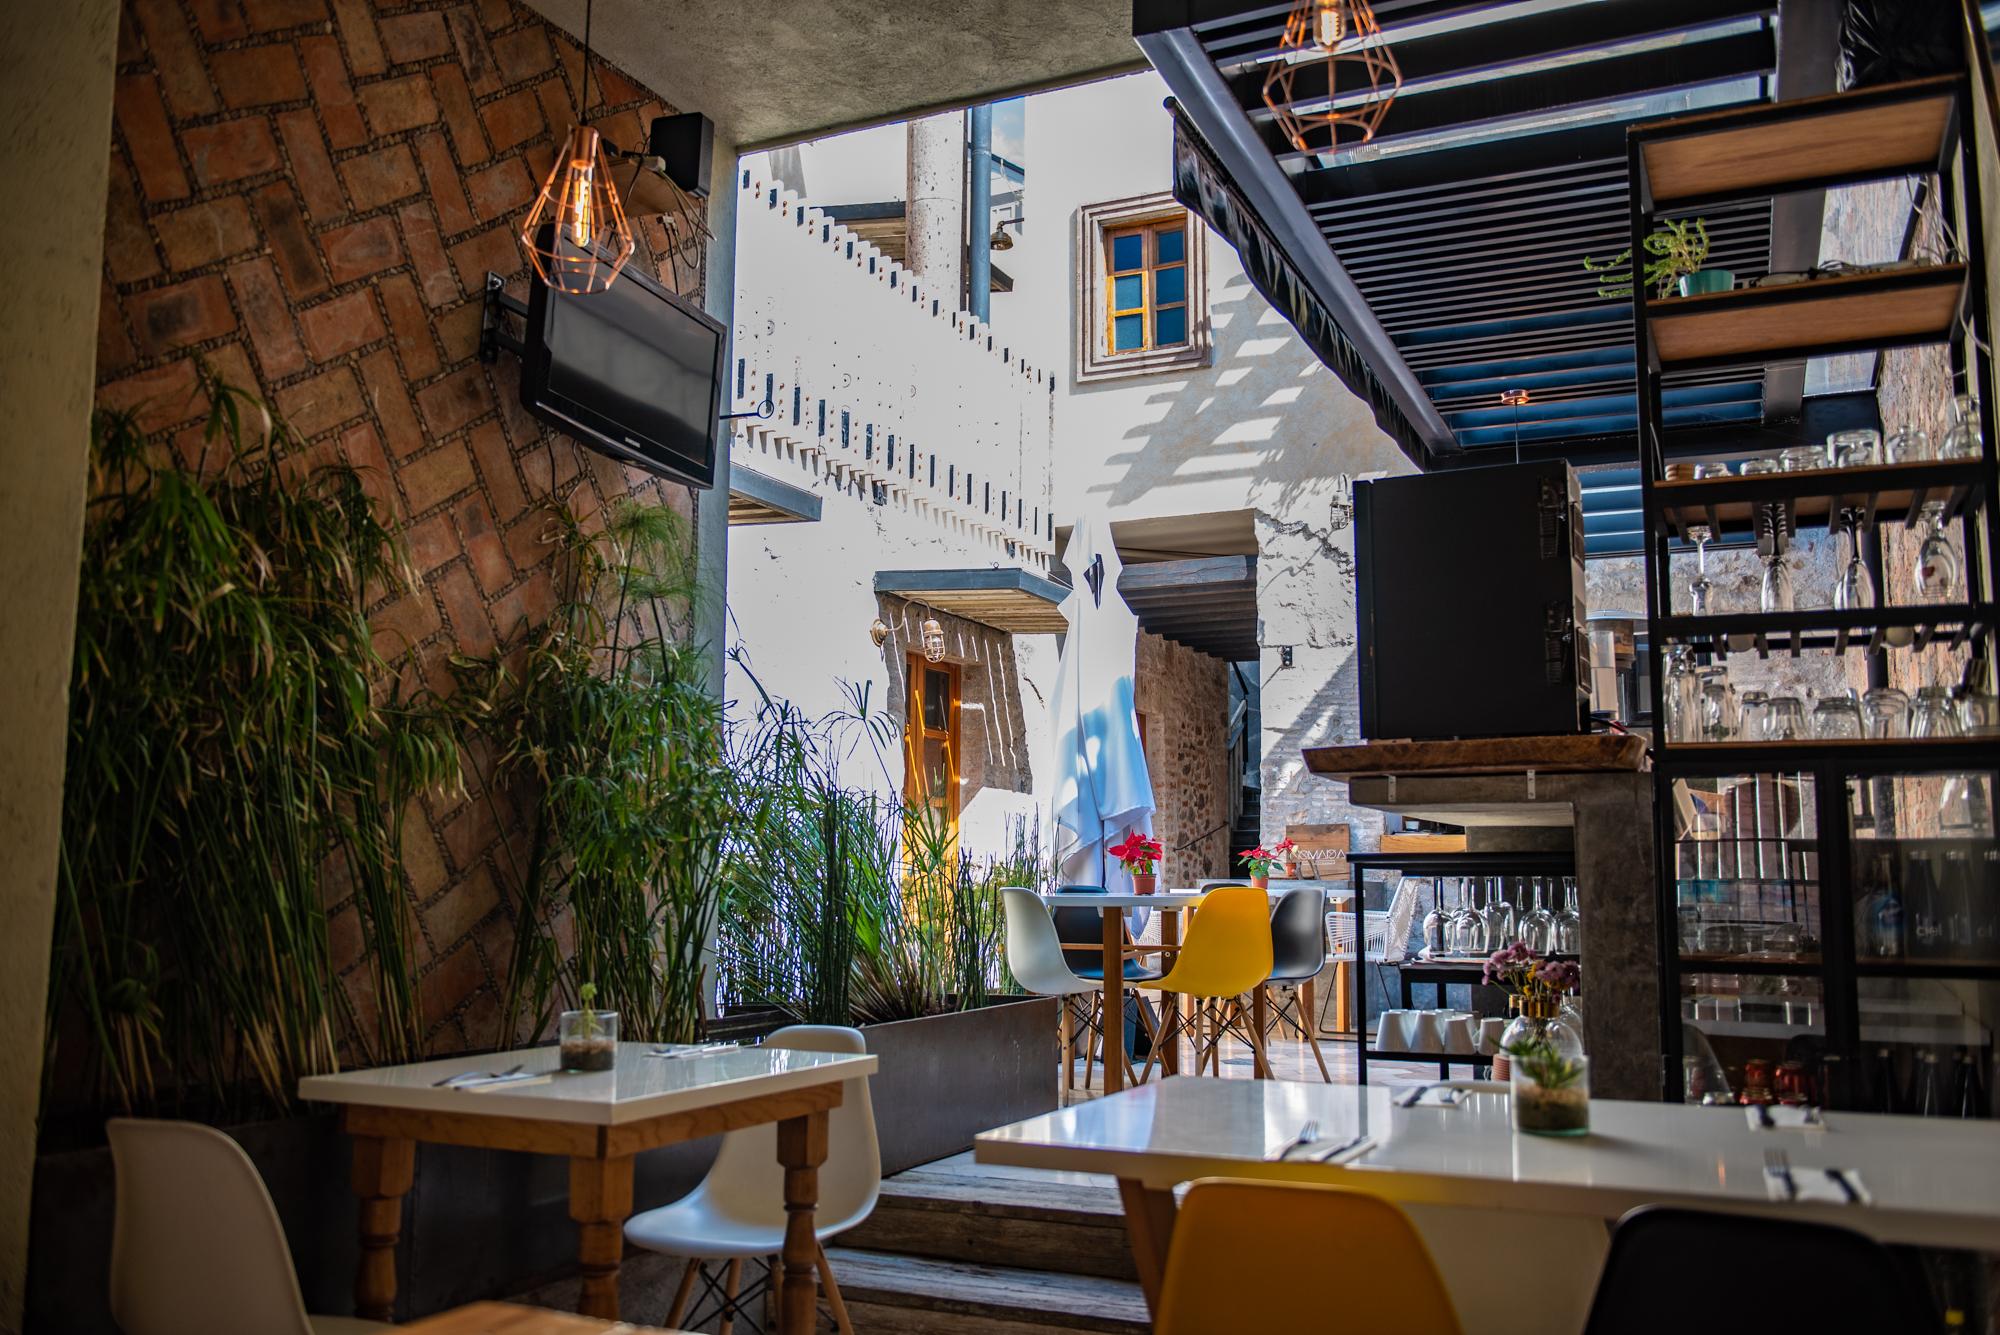 サン・ミゲル・デ・アジェンデおすすめレストラン&ホテル